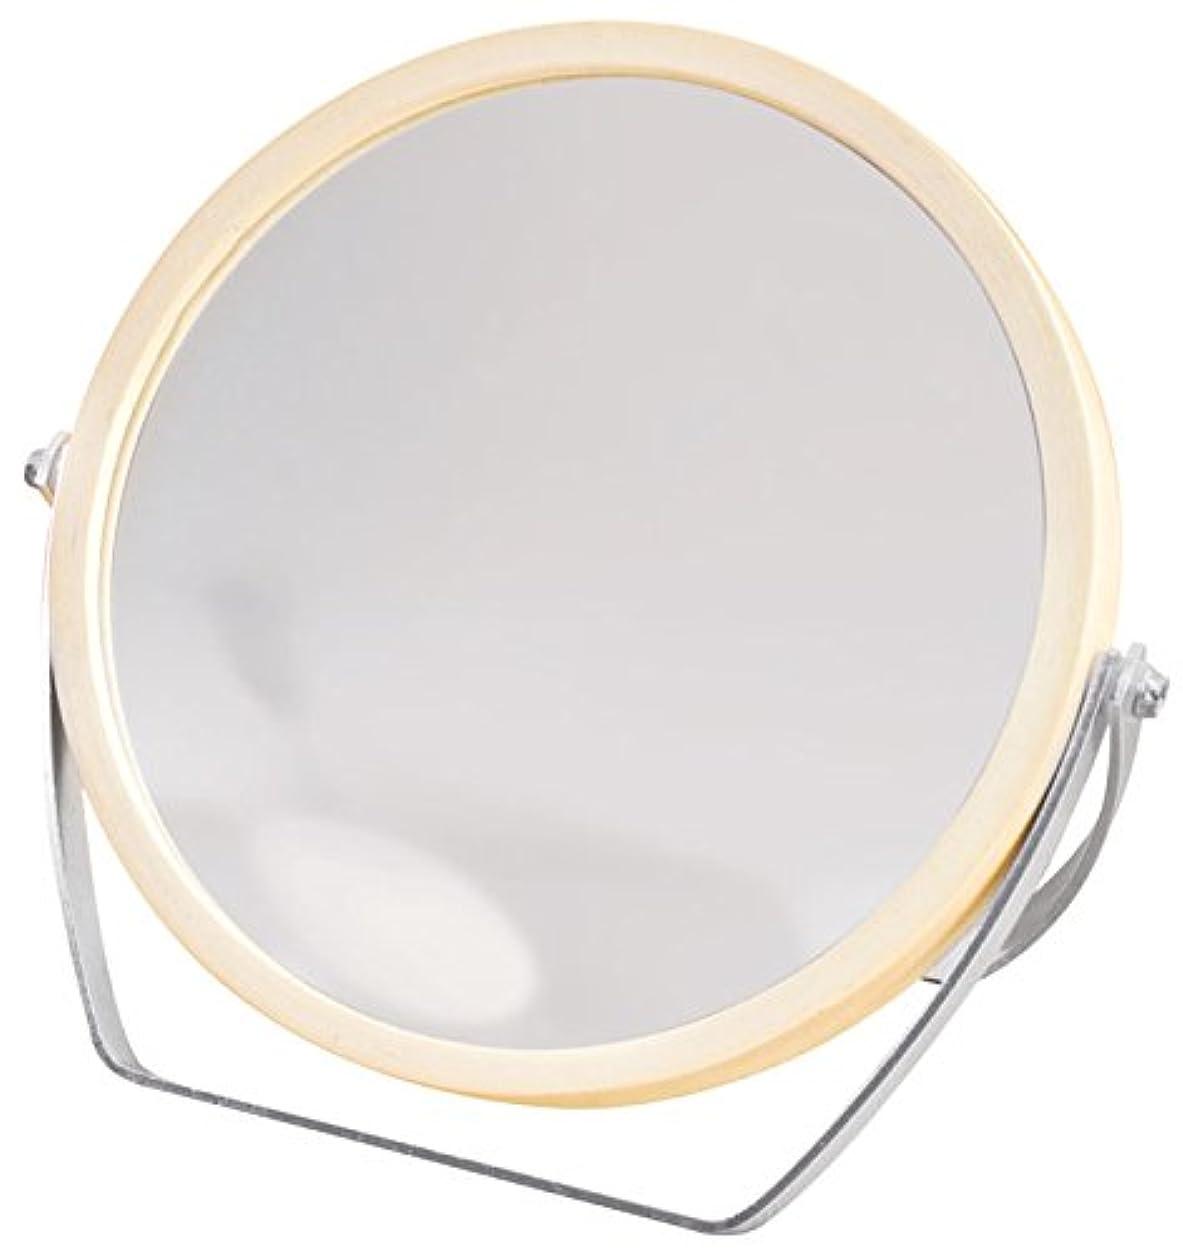 しばしばウルル月面ウッドフレーム 2WAY 5倍拡大鏡付 両面 卓上ミラー (ロースタンドタイプ) ナチュラル YWM-1